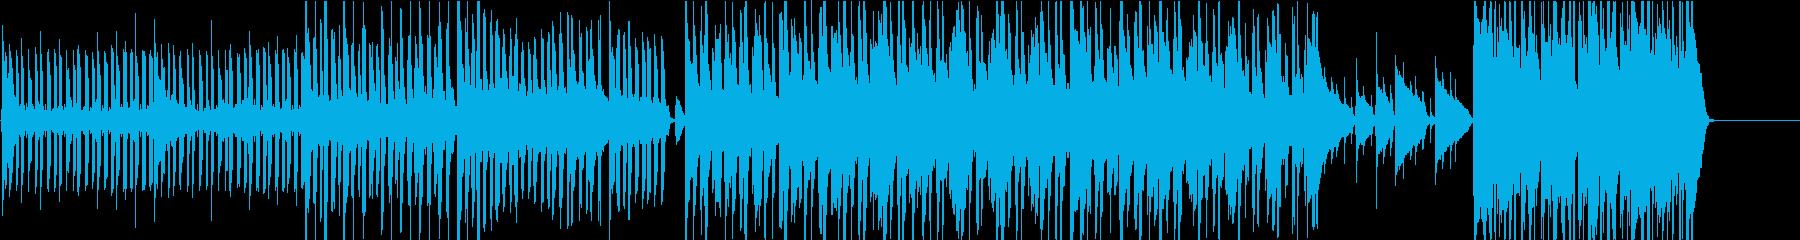 エスニックで現代的、お洒落なCMや映像にの再生済みの波形